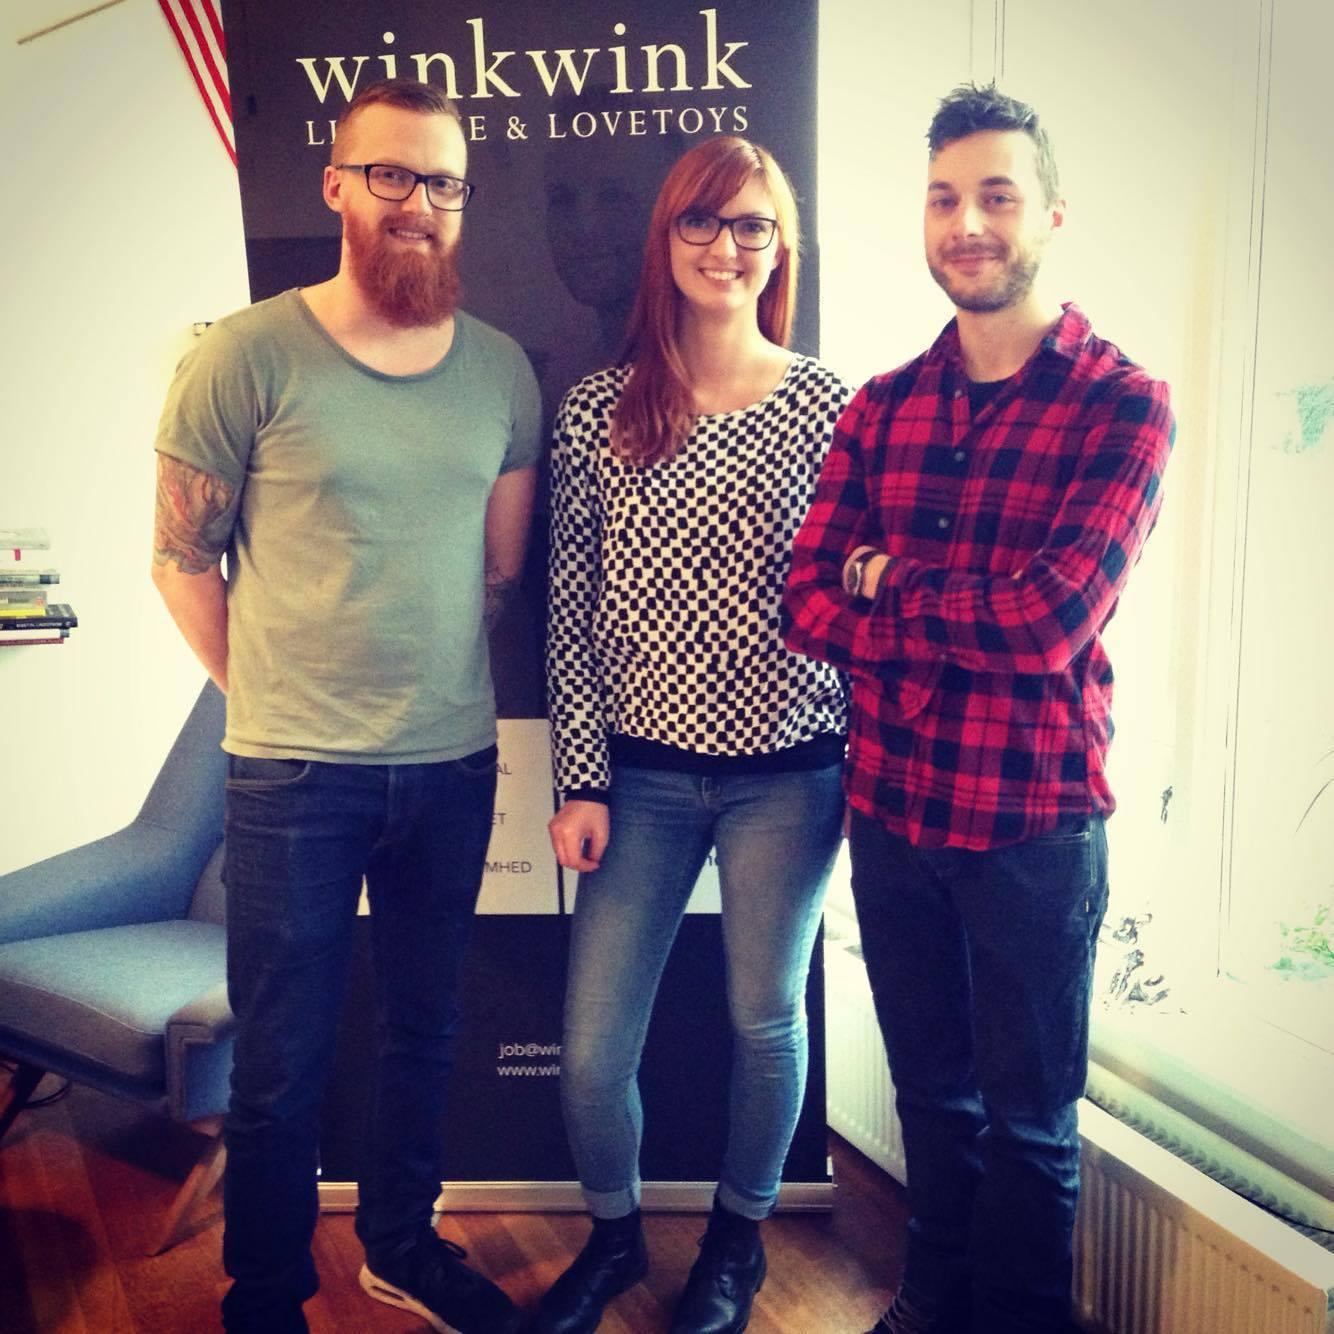 winkwink-sexshop